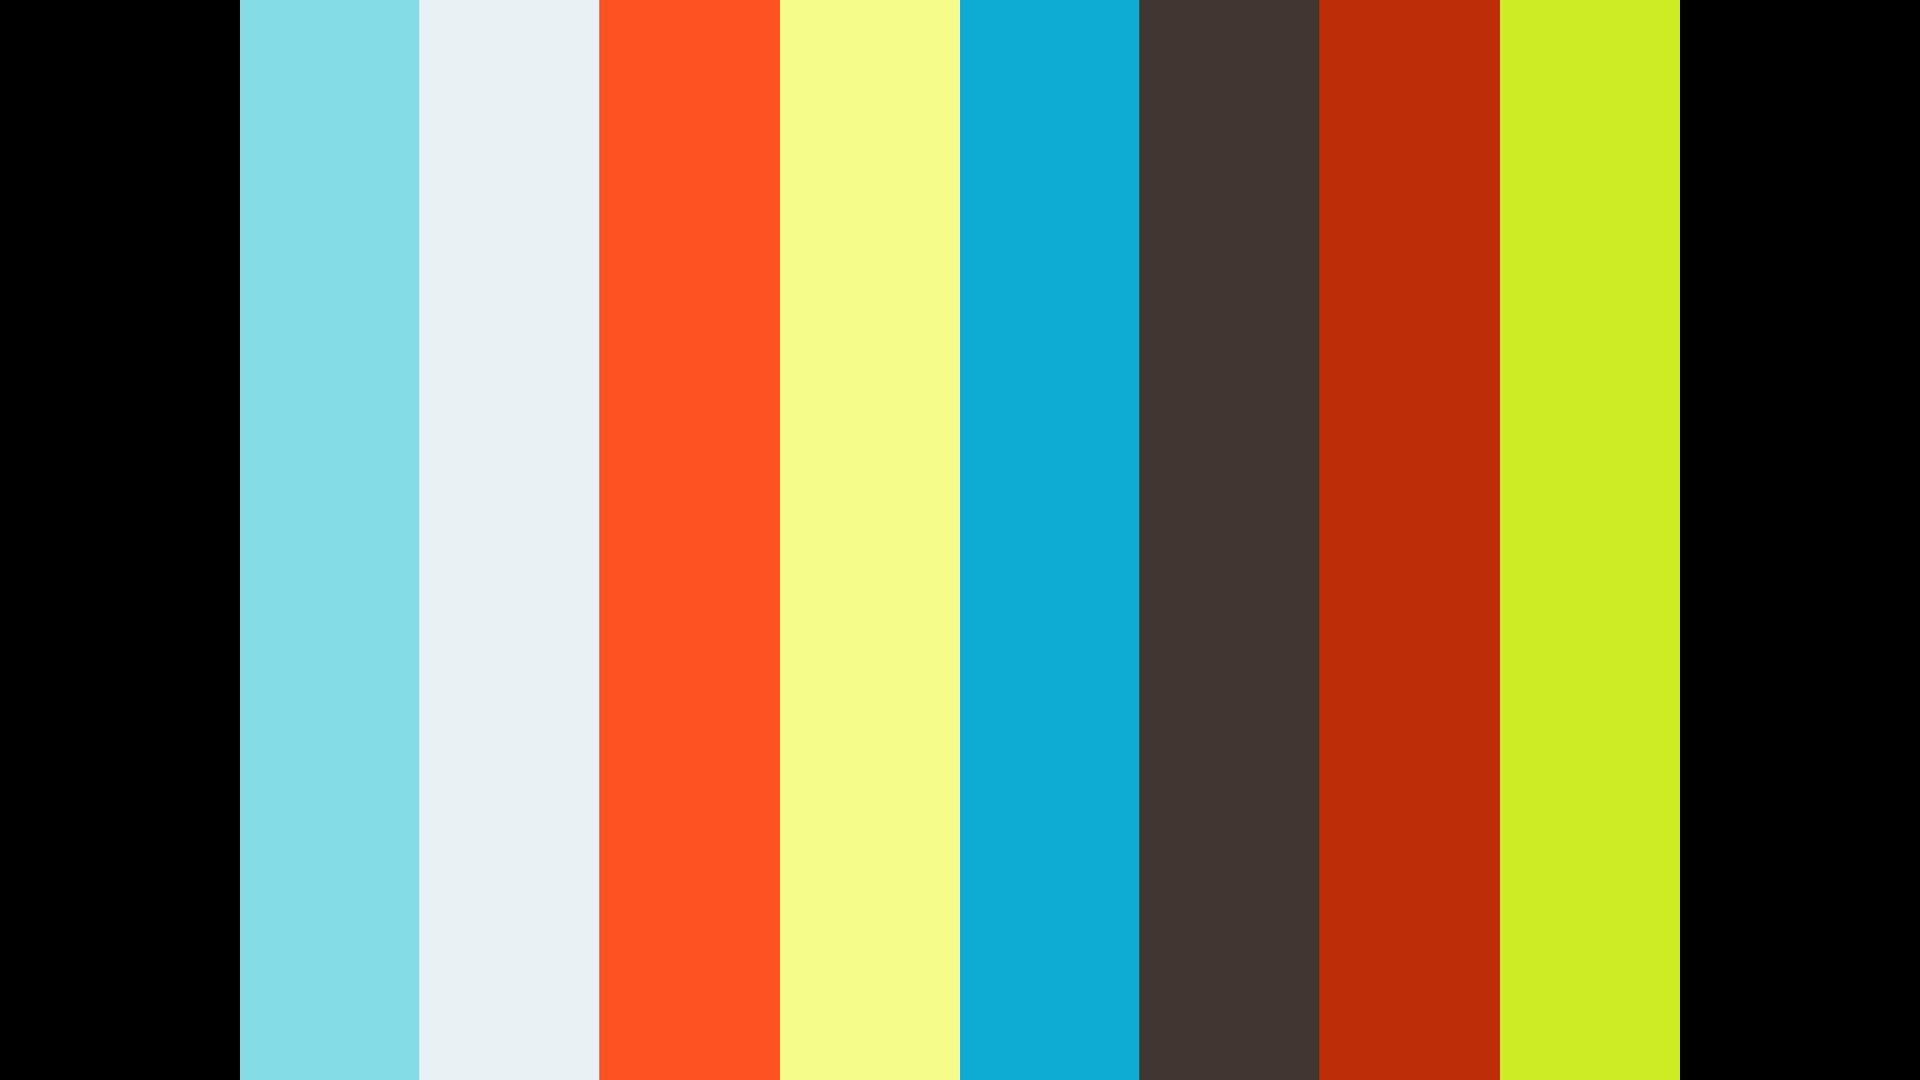 A 21 Junie 2020 Steven Raath - Gesonde emosies